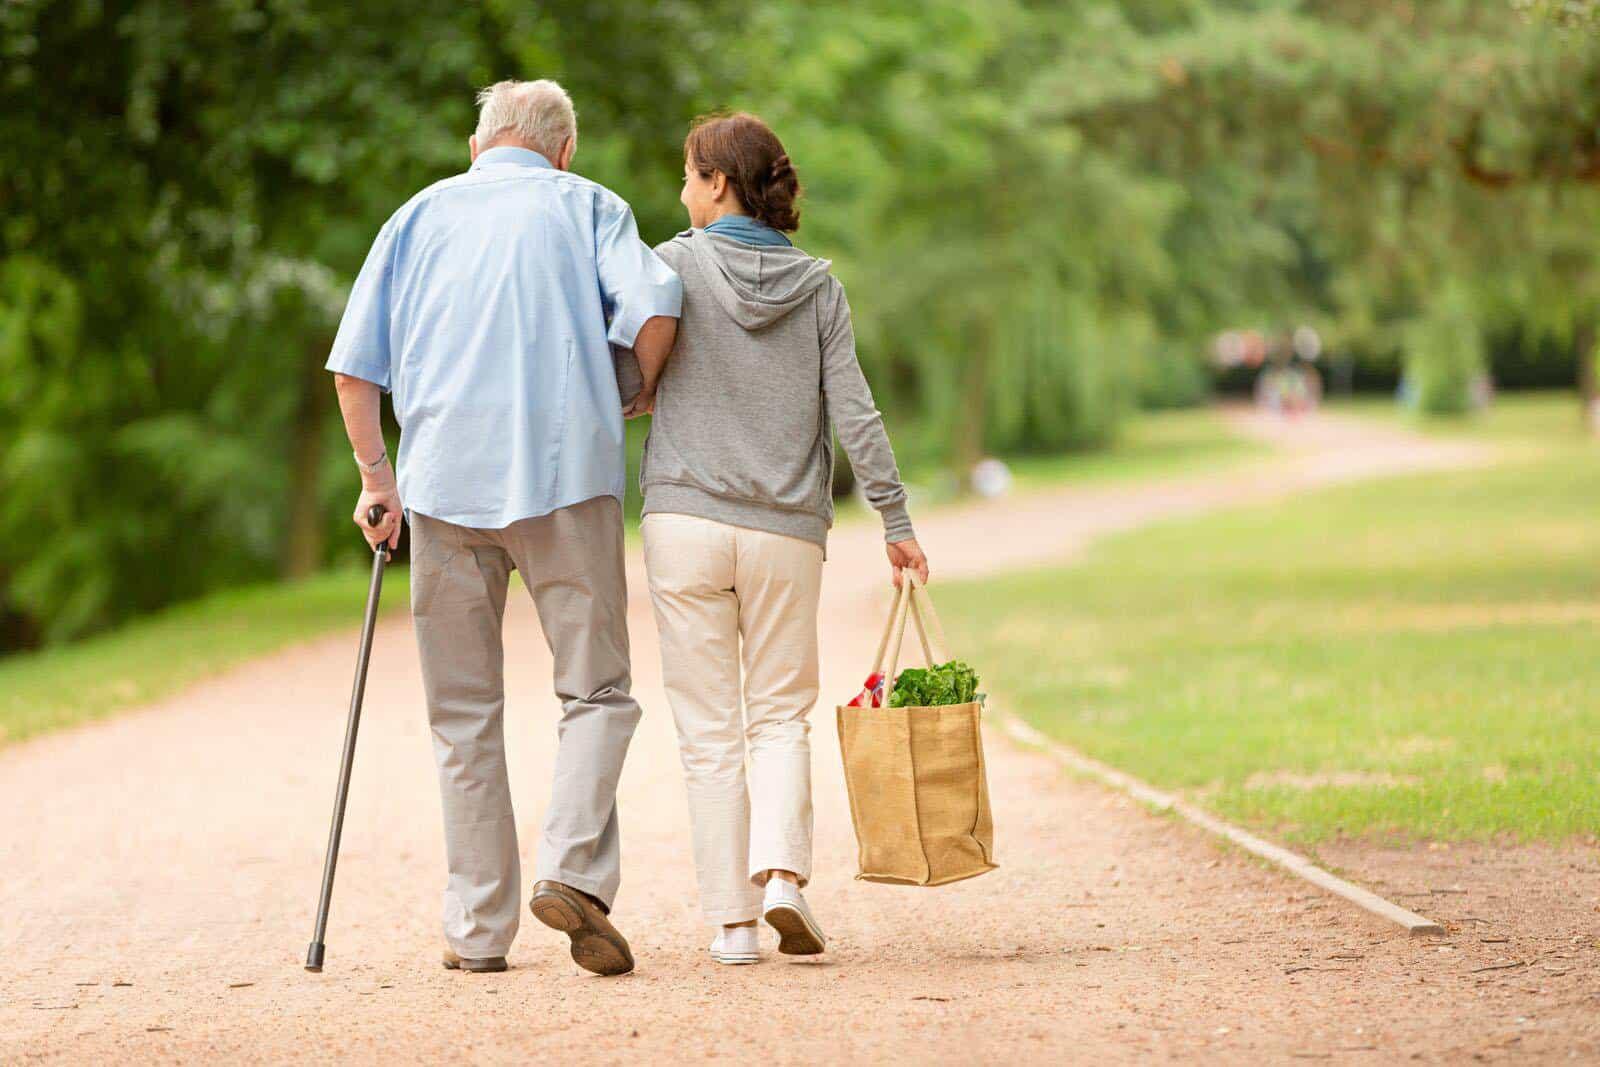 對癌症患者來說,運動不只加快病人的體力恢復,也讓他們專注於體能訓練,有助減少面對癌症的負面情緒,積極對抗癌症。(網上圖片)